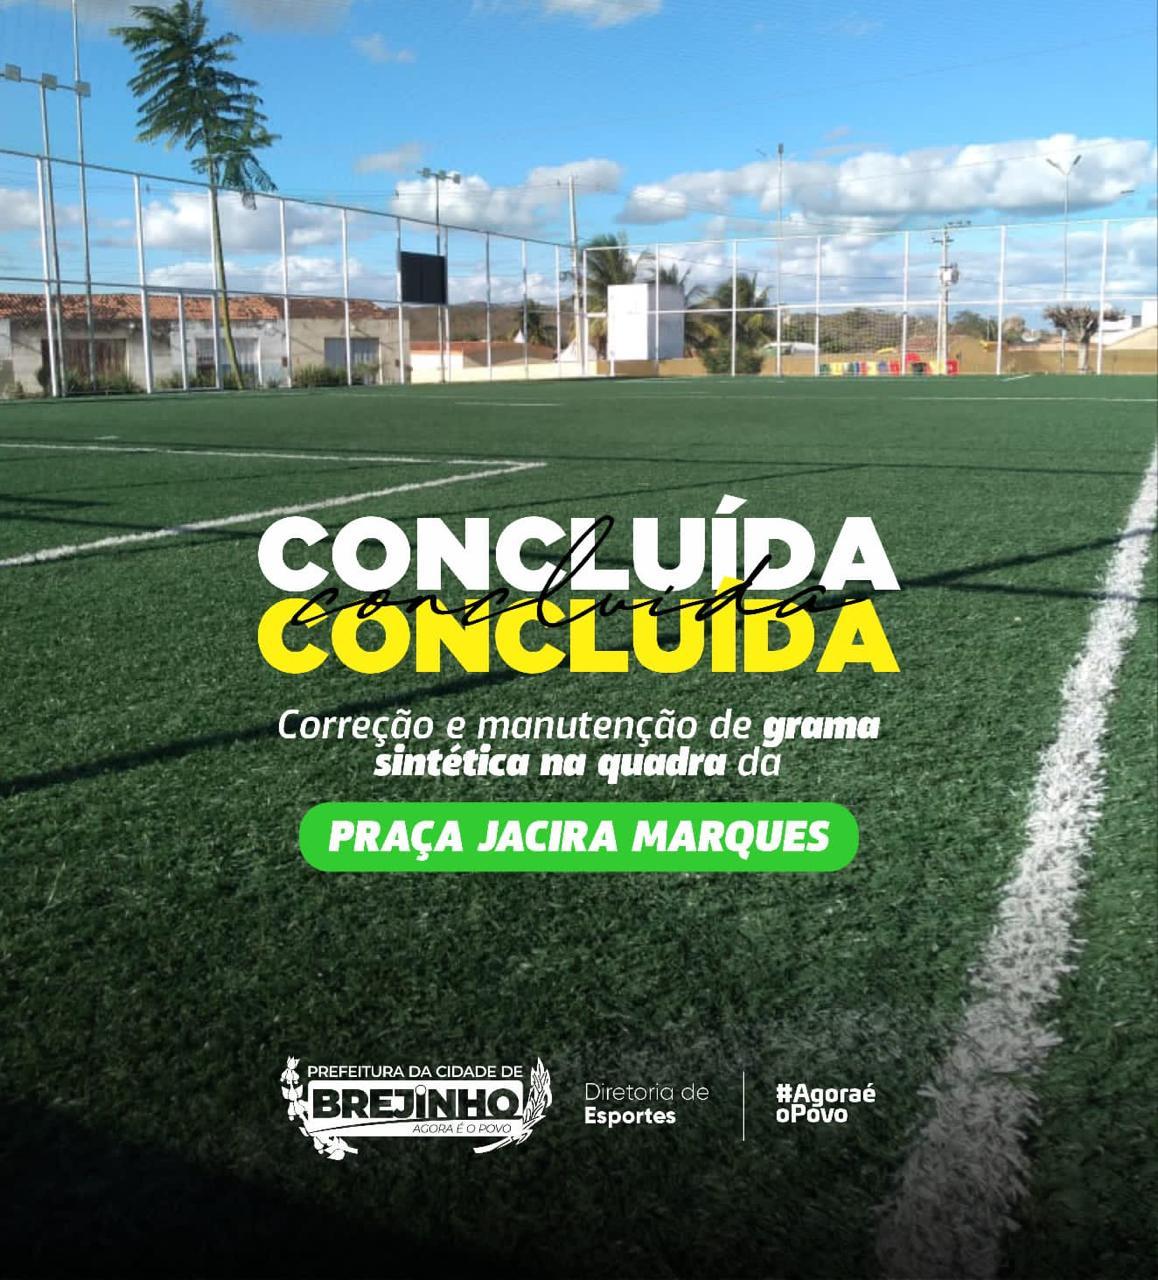 Prefeitura de Brejinho fez reparos em gramado sintético em quadra da Praça Jacira Marques